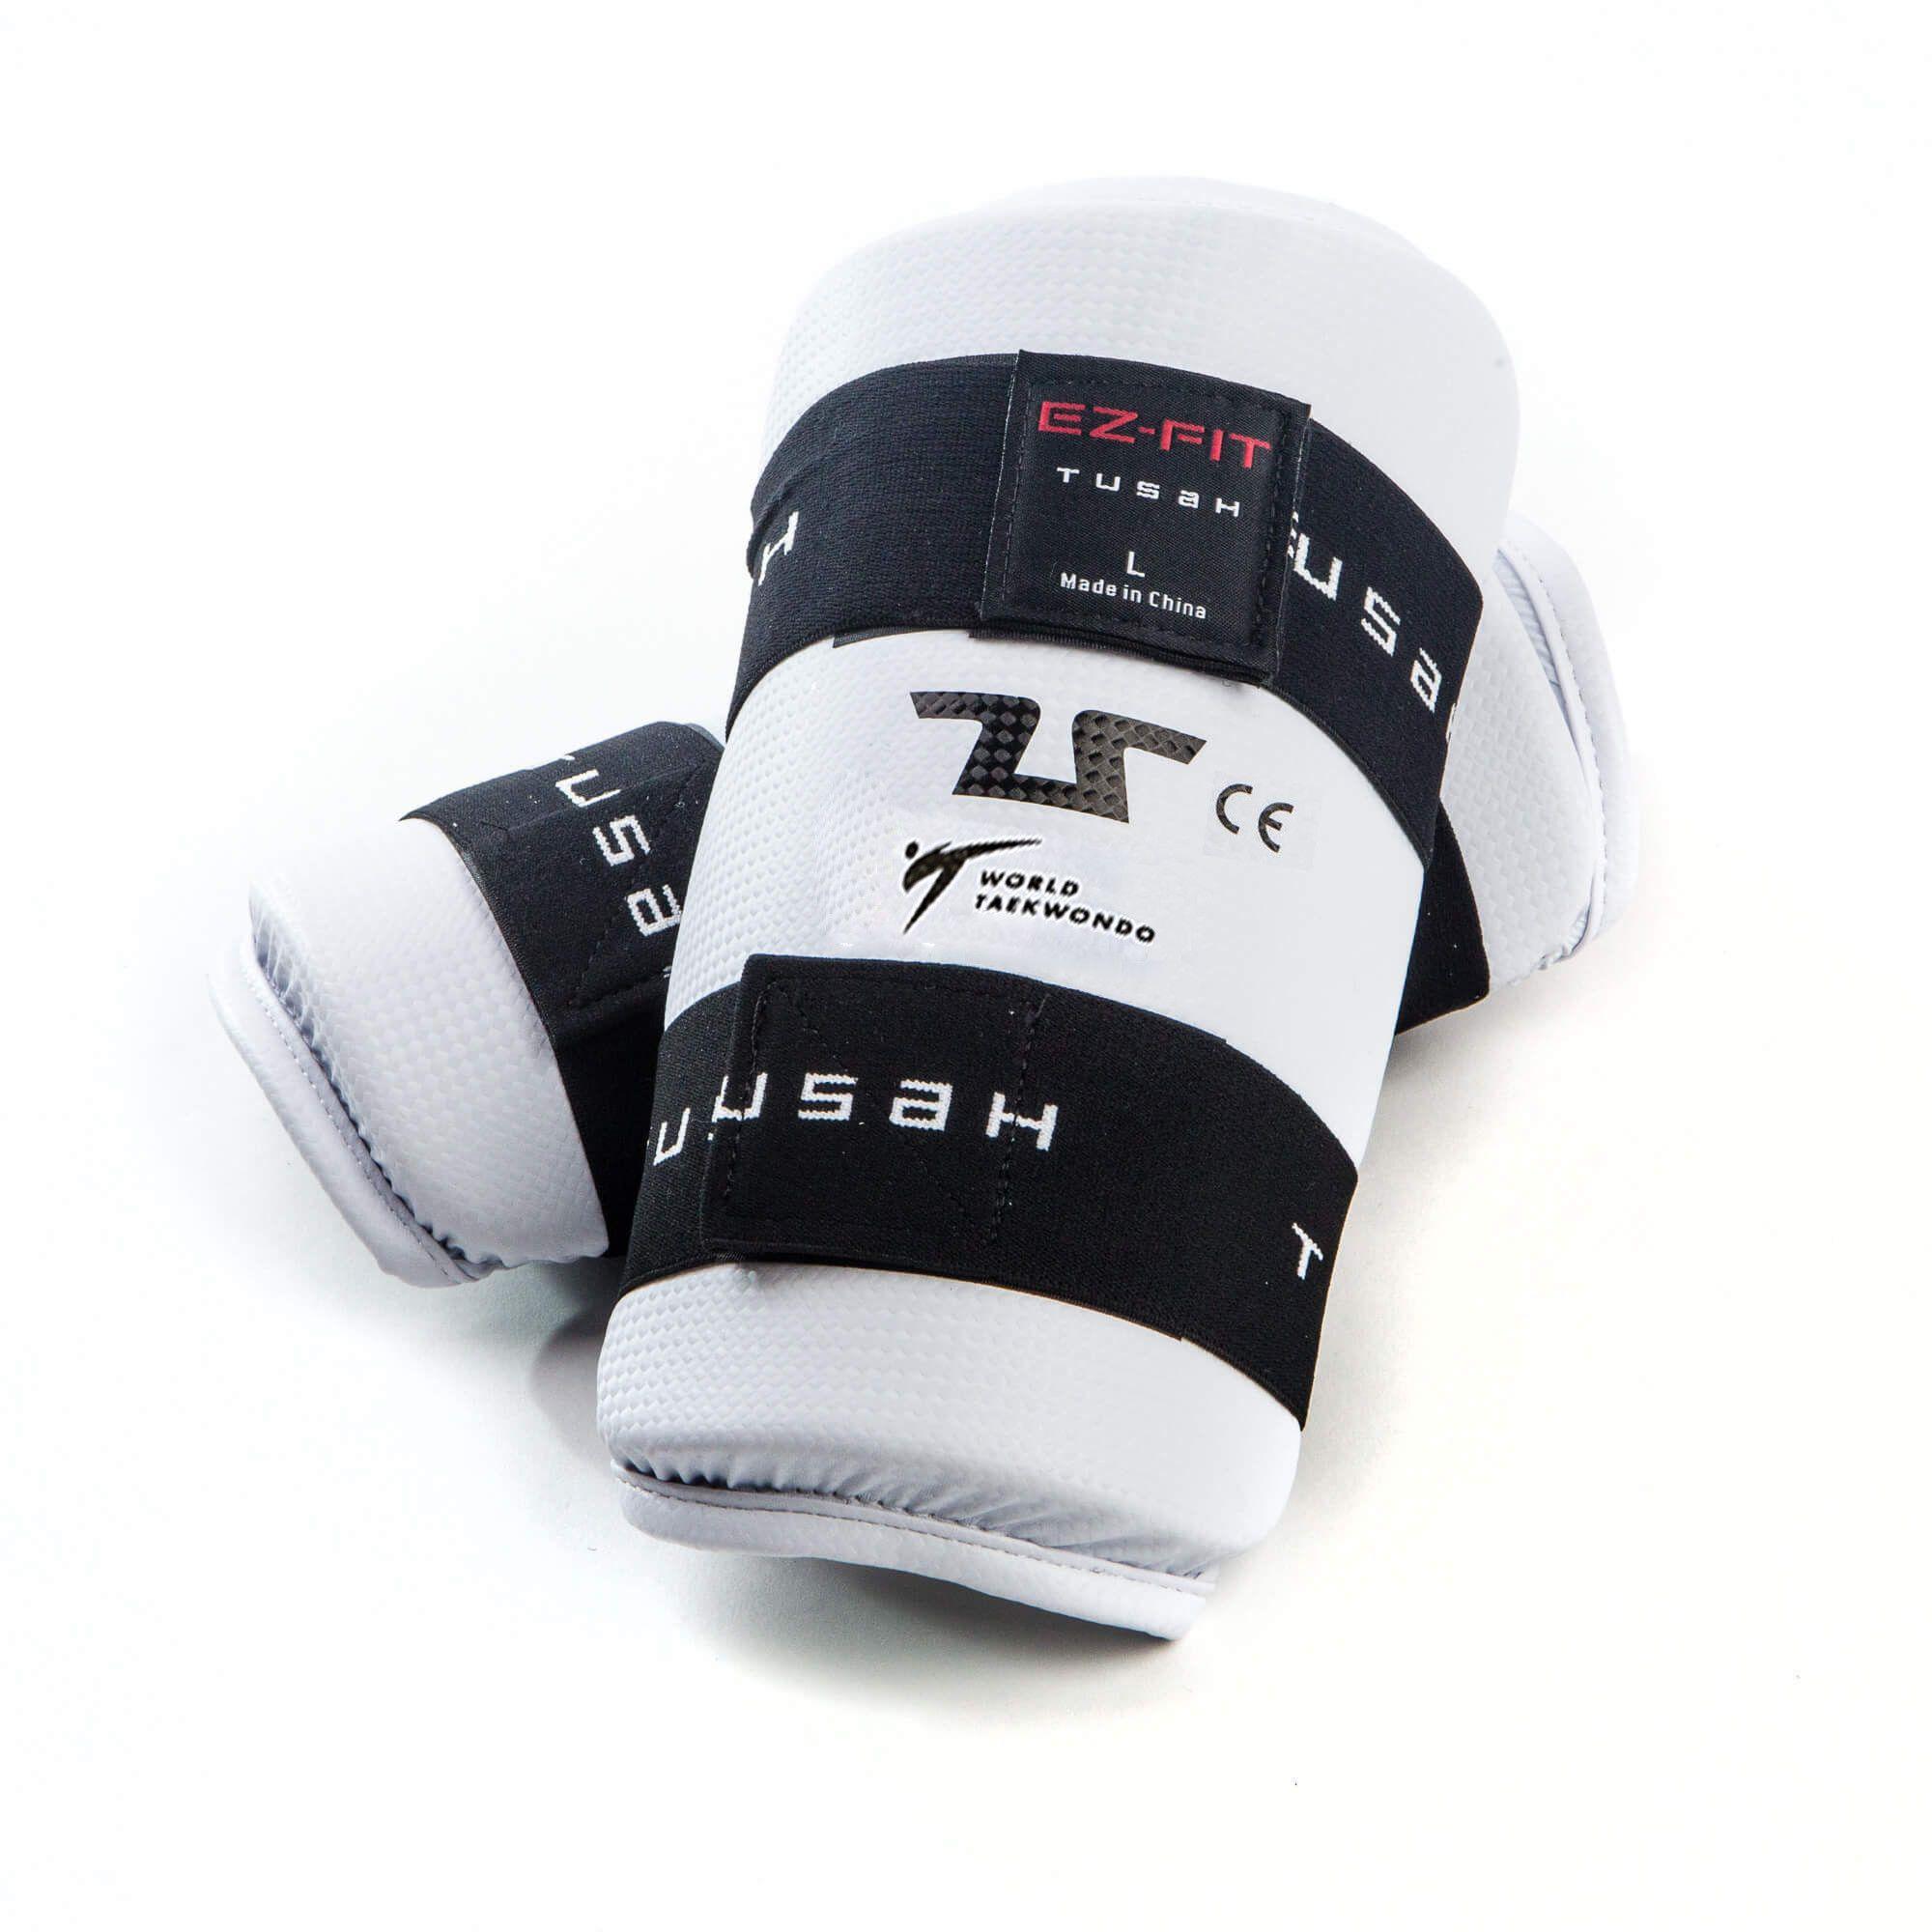 KIT Offerta Protezioni per Taekwondo Tusah Completo Omologato WT WTF Senza Parapiedi